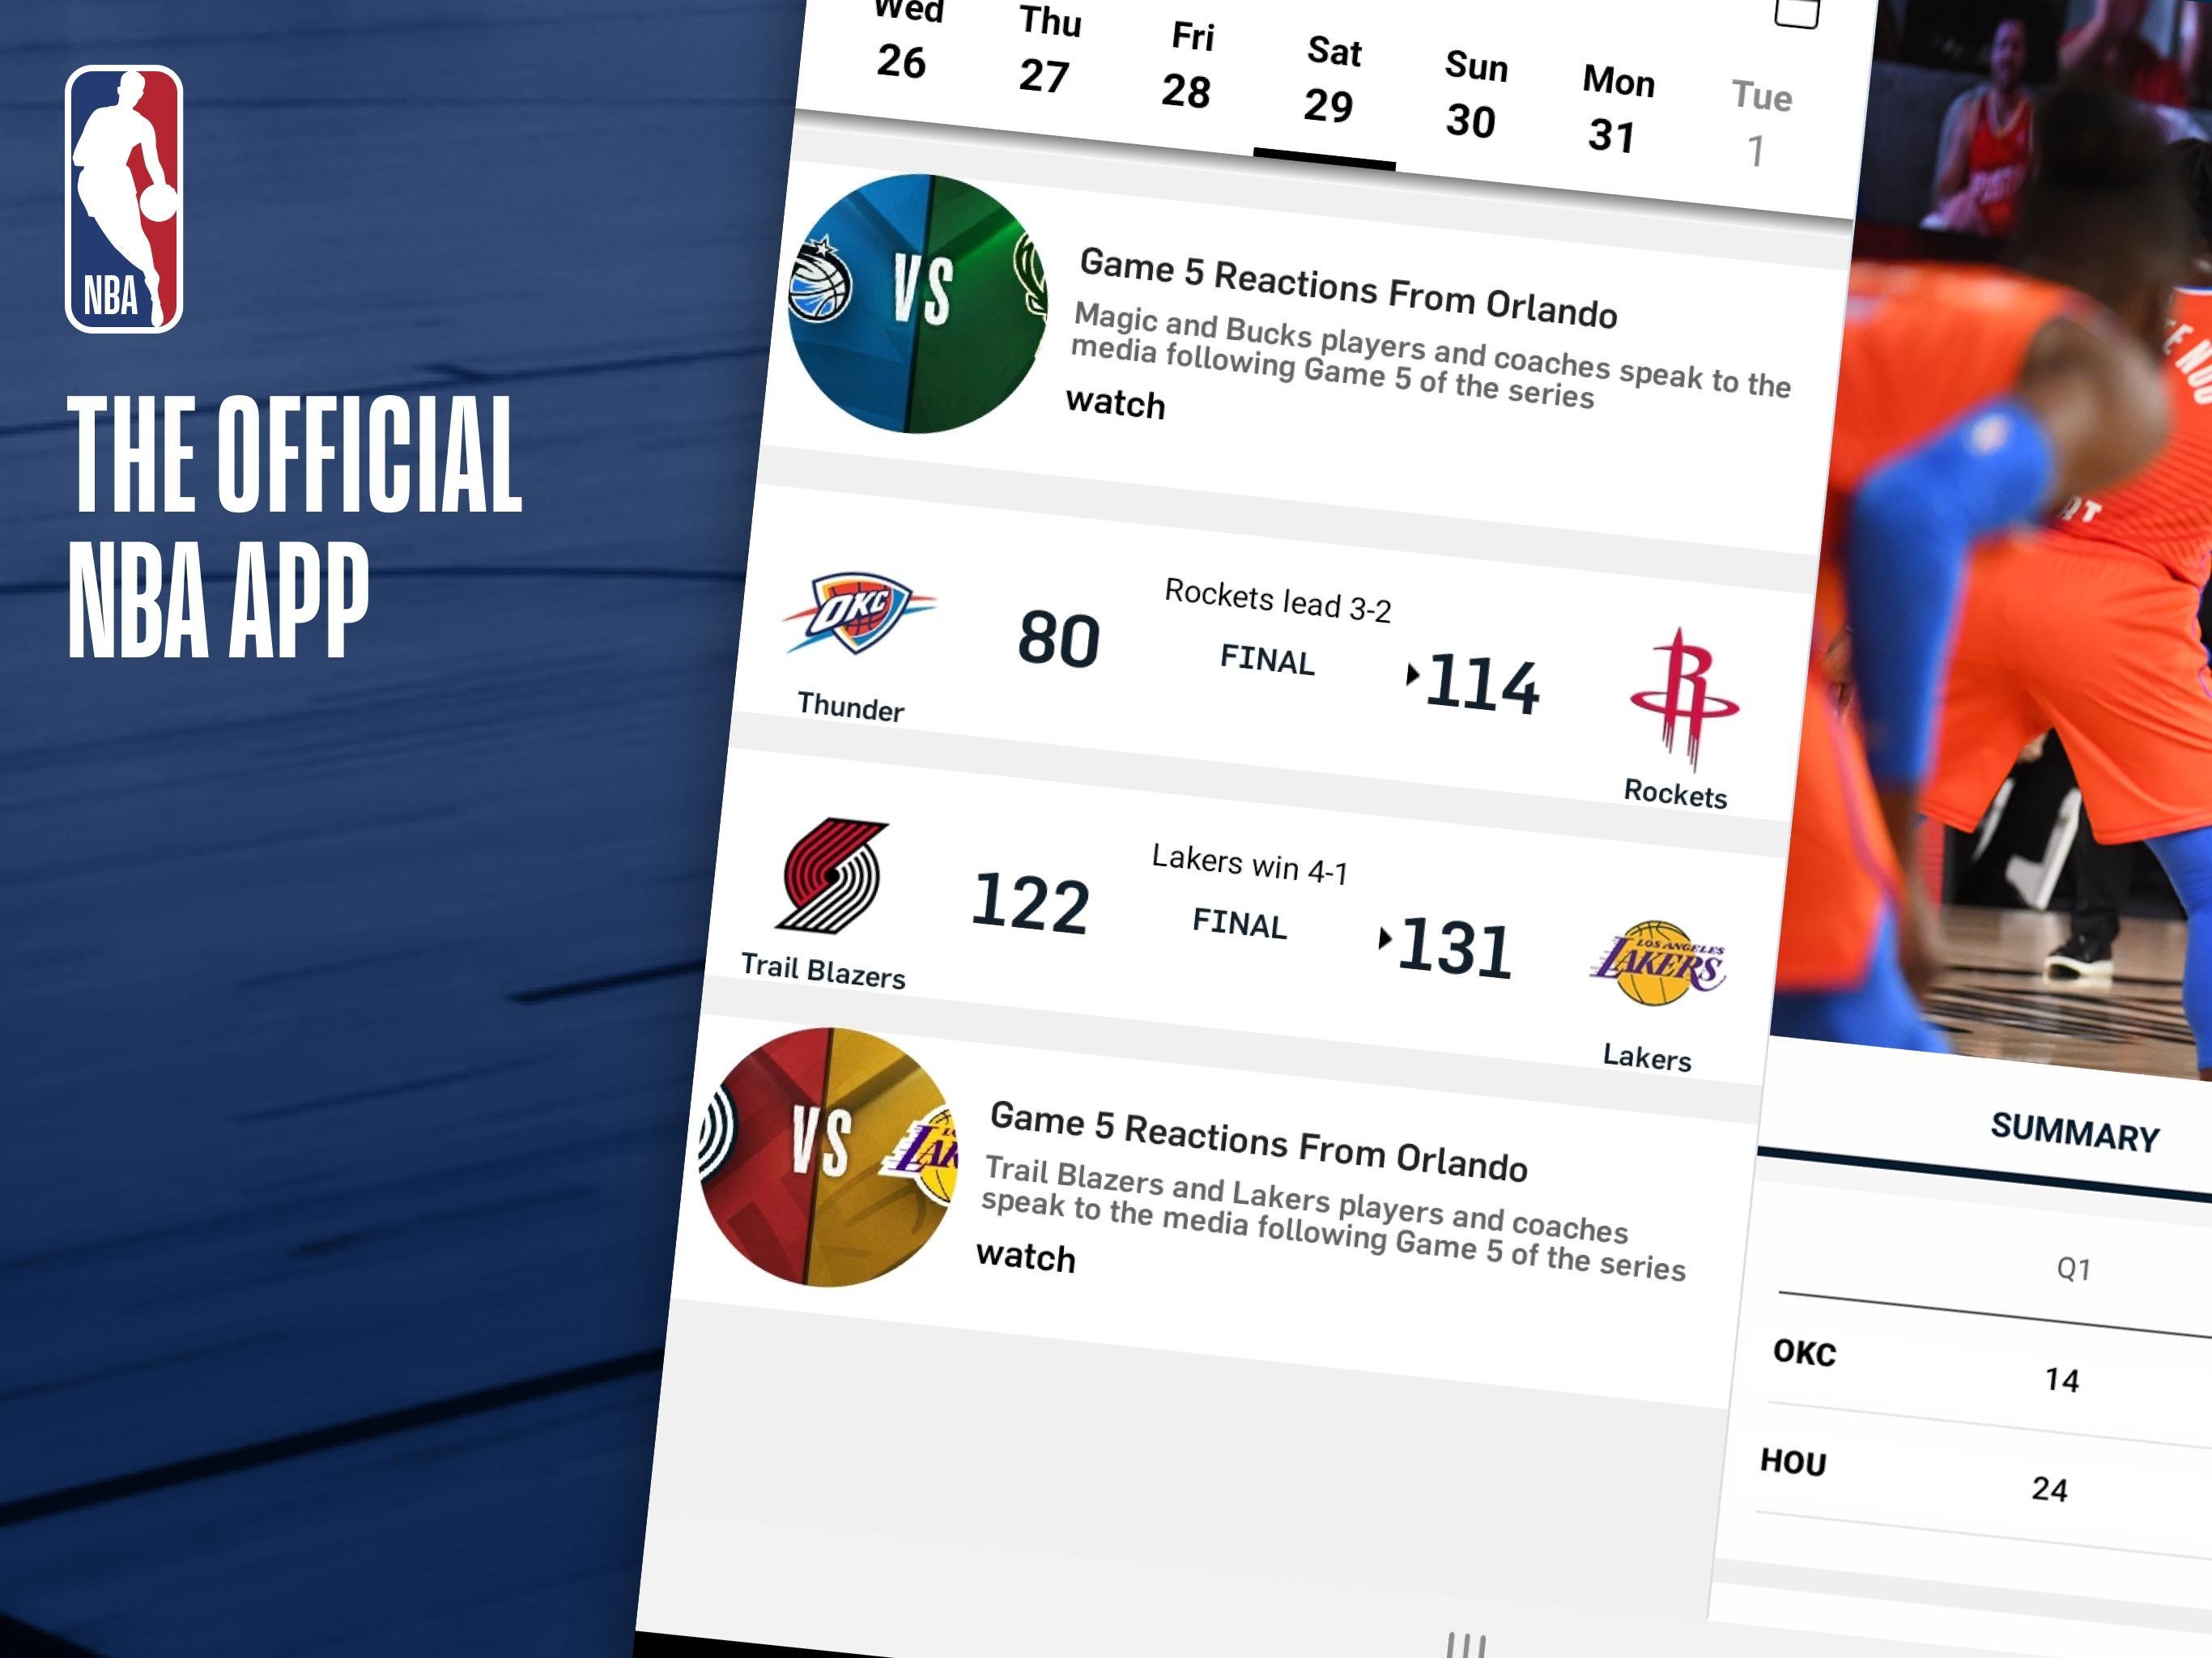 NBA Live Games & Scores 9.1018 Screenshot 7